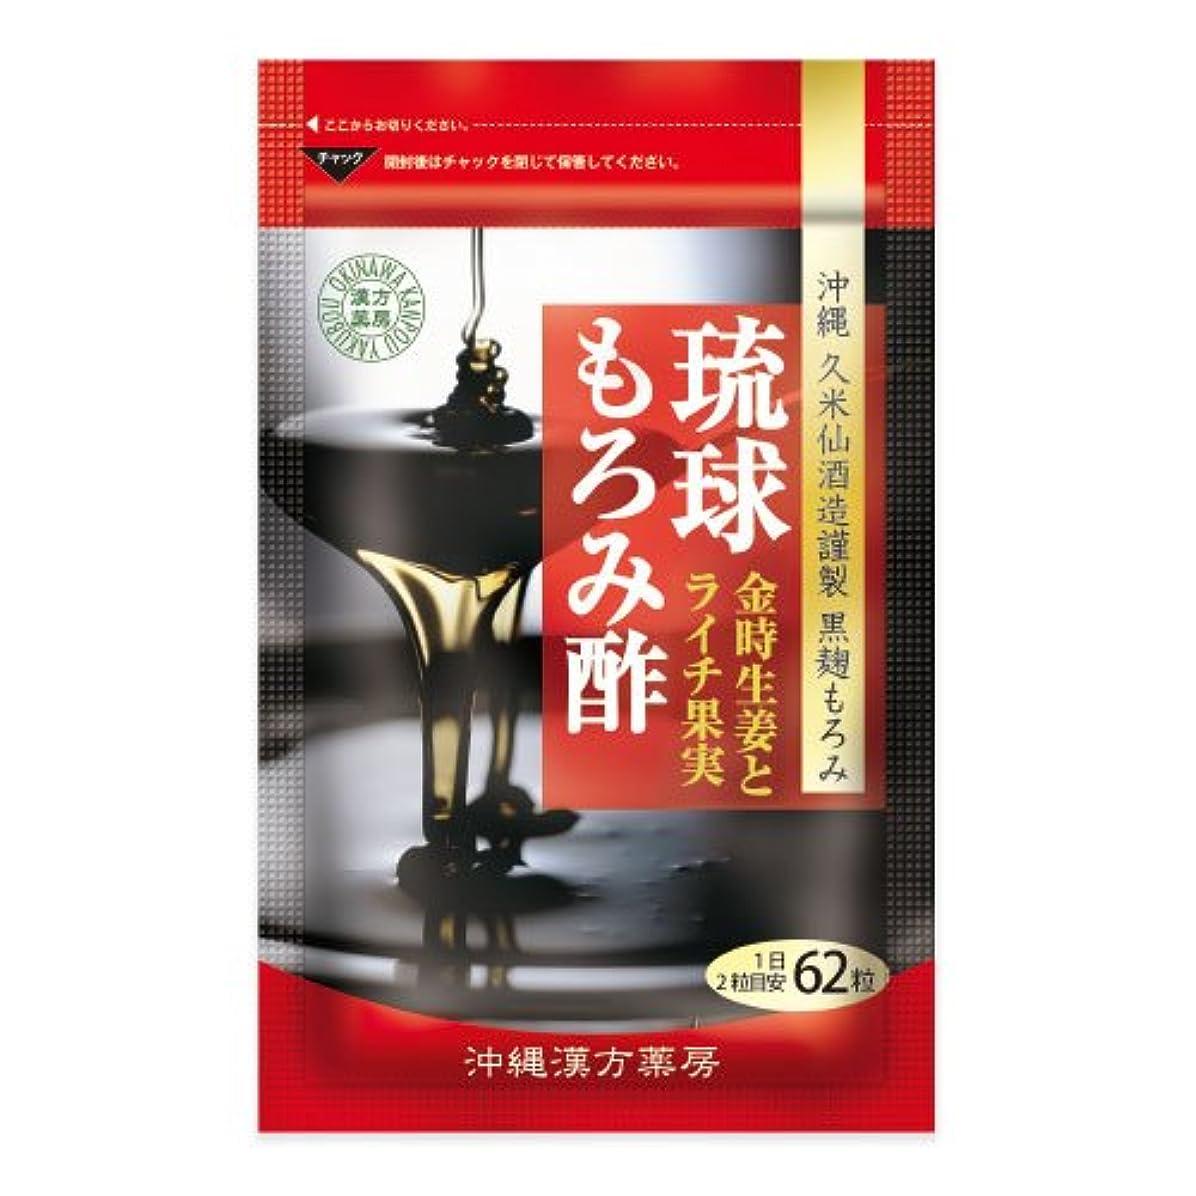 参照適度なチャンスナチュラルガーデン 琉球もろみ酢 金時生姜とライチ種子 1袋